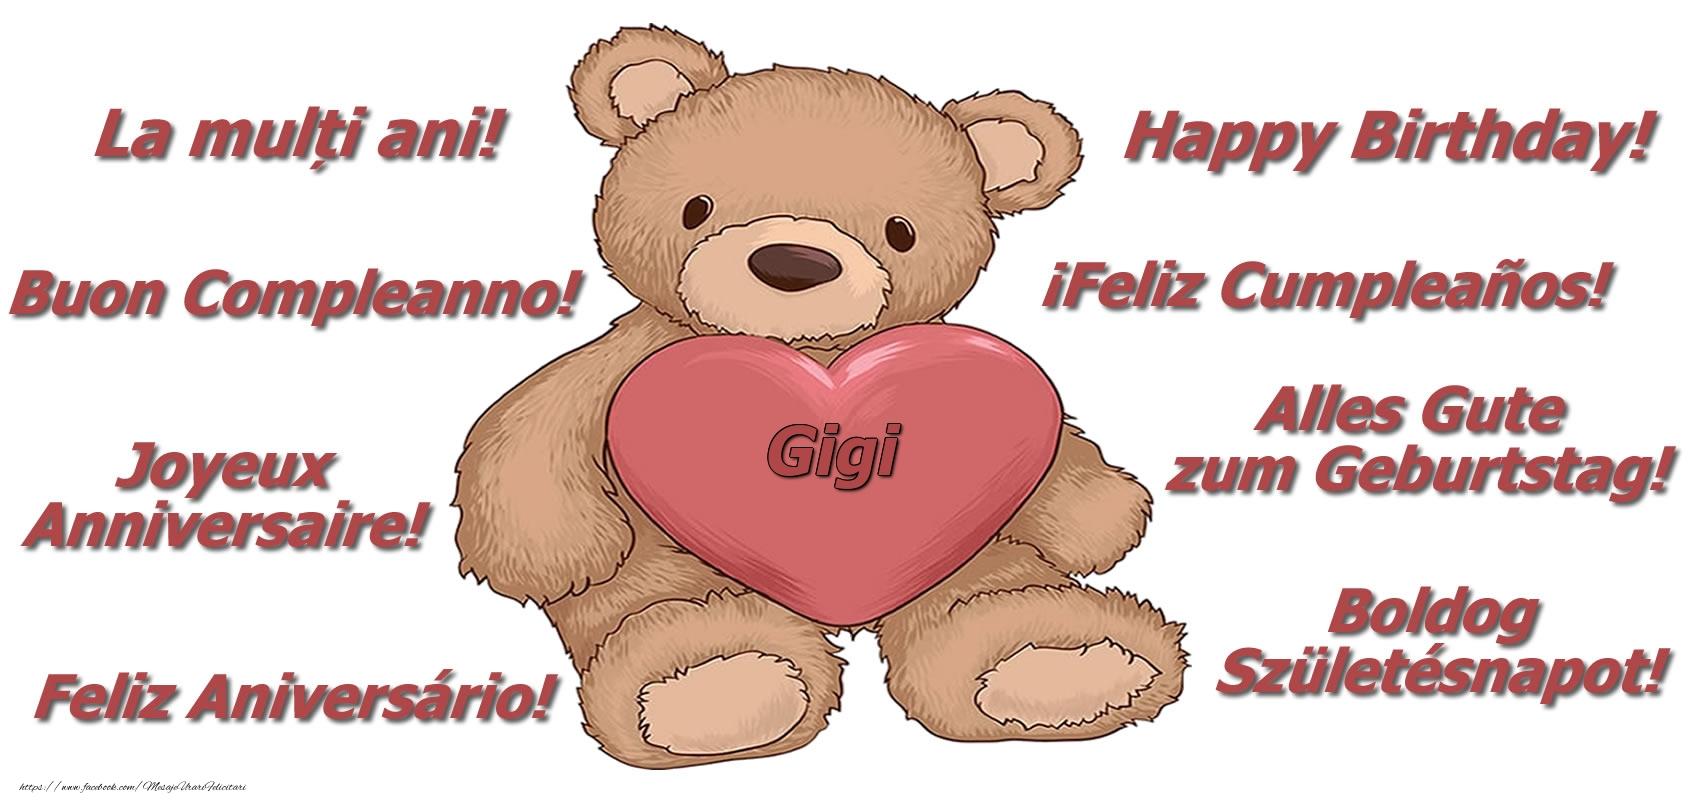 Felicitari de zi de nastere - La multi ani Gigi! - Ursulet